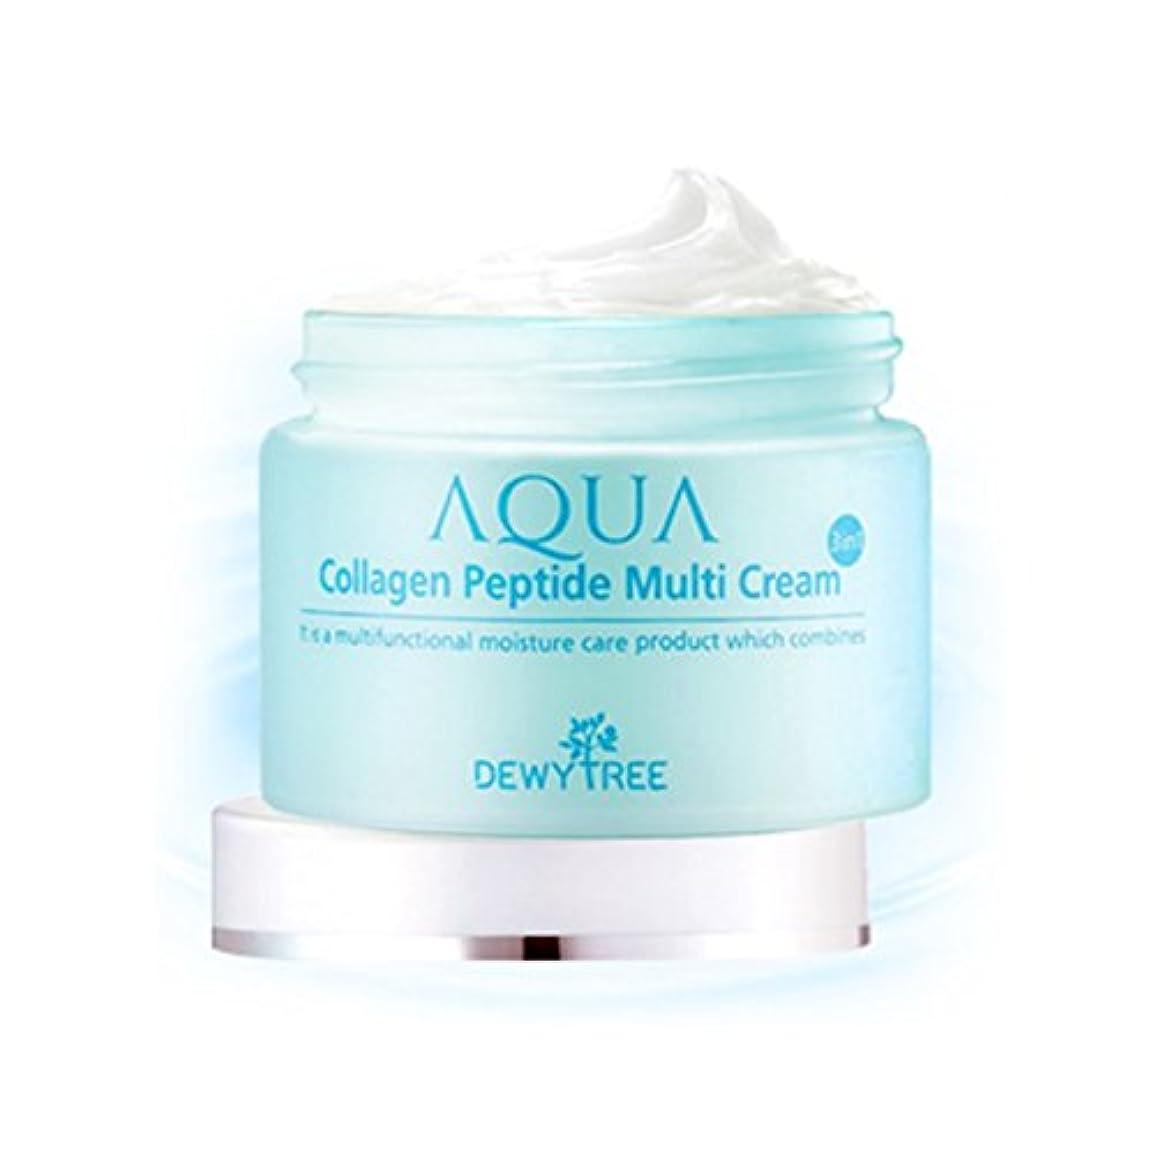 [Dewytree] デュイトゥリー アクアコラーゲン ペプチド マルチクリーム Aqua Collagen Peptide Multi Cream (50ml) / [並行輸入品]